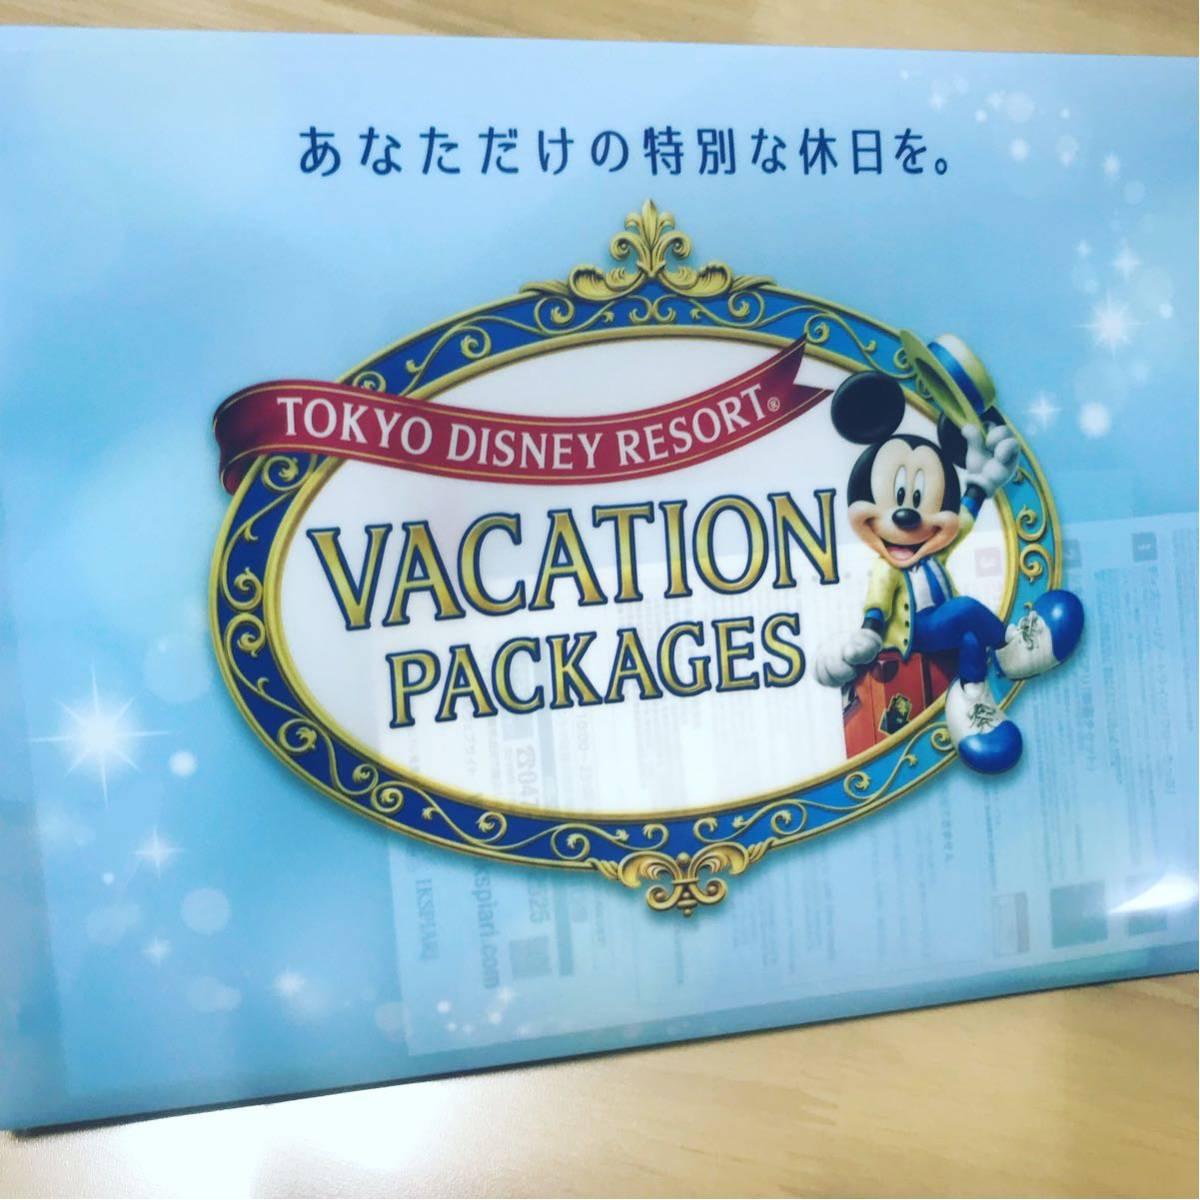 ディズニー 2day パスポートスペシャル 2枚 11/25.26 /【buyee